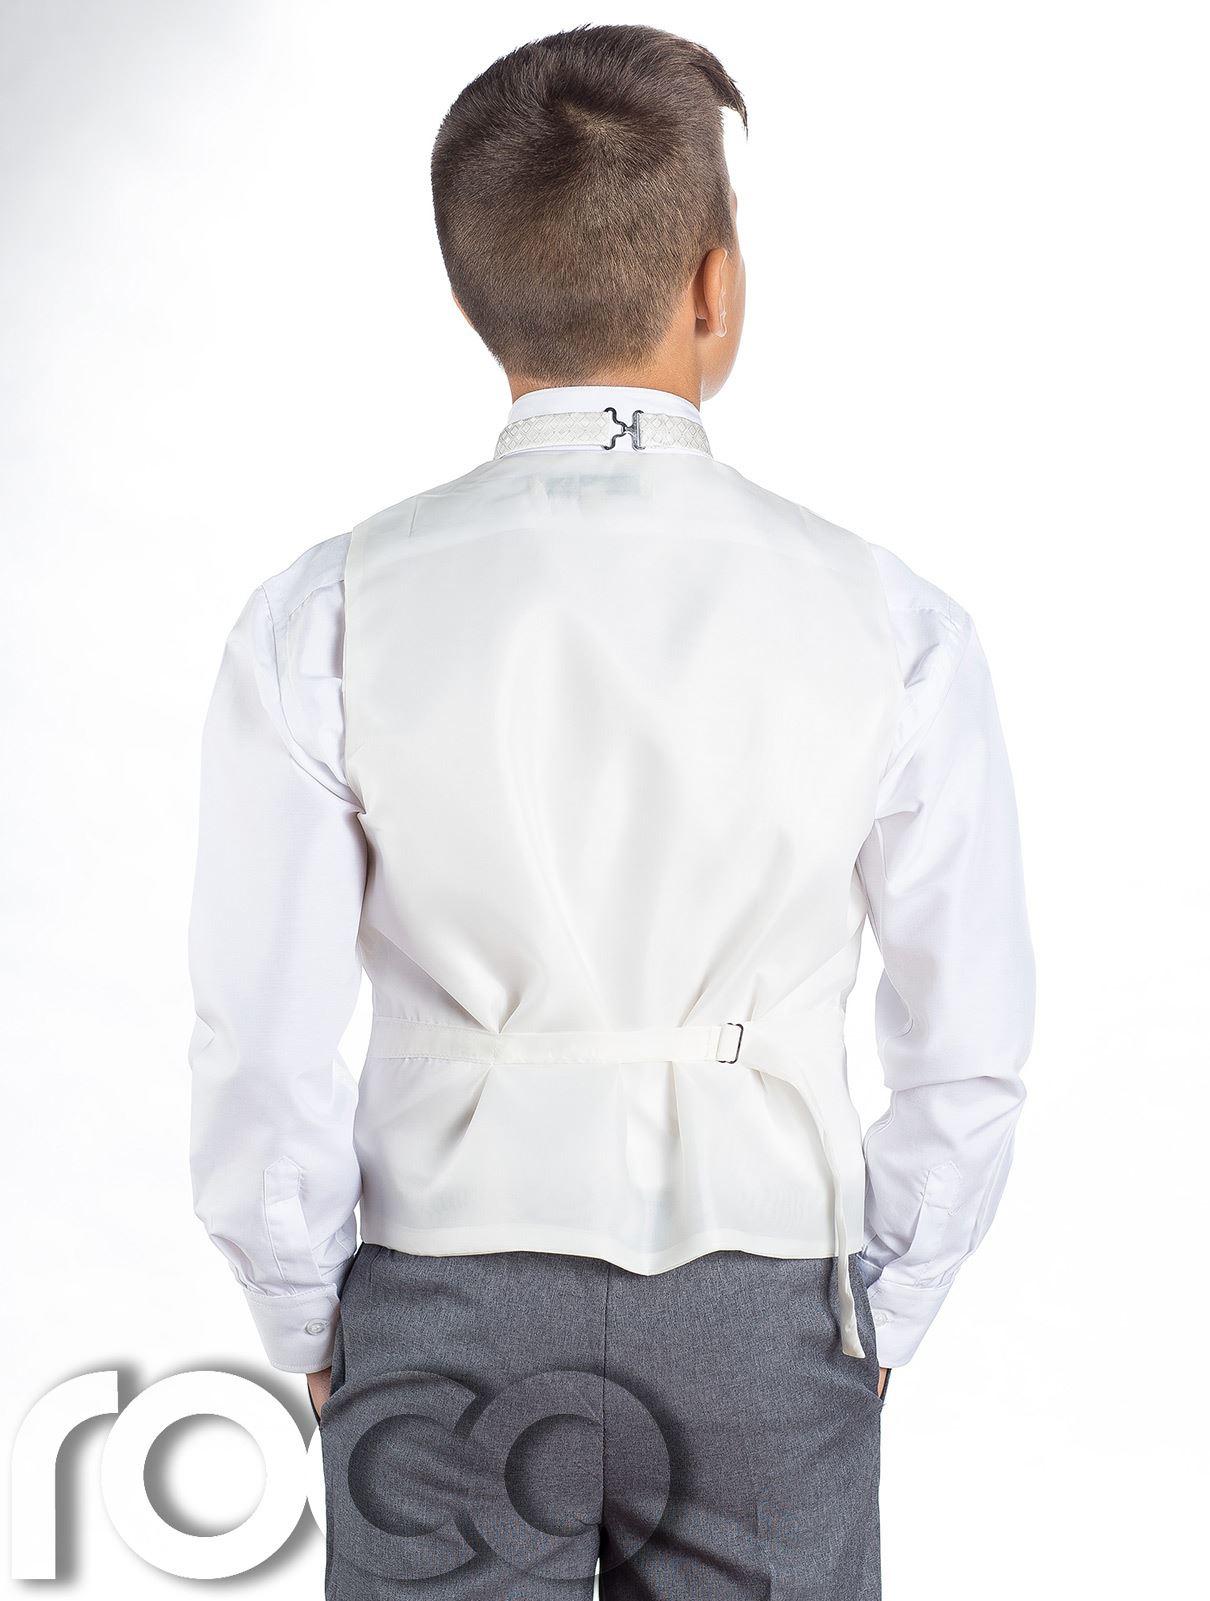 garcons-Costume-Gilet-garcons-mariage-pour-PAGE-garcon-pour-gris-pantalon